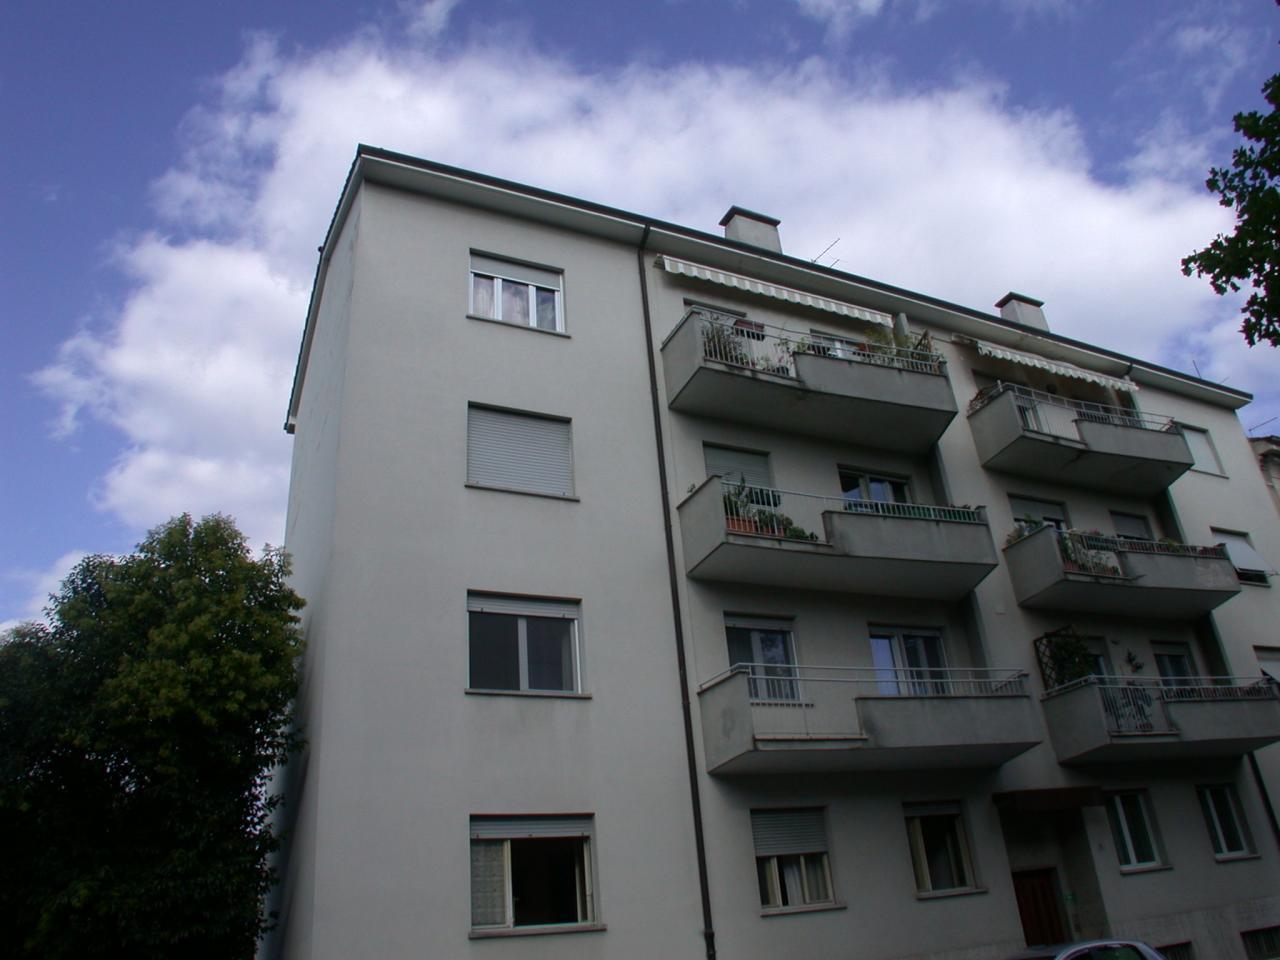 Appartamento in affitto a Gorizia, 6 locali, zona Località: centro, prezzo € 400 | Cambio Casa.it